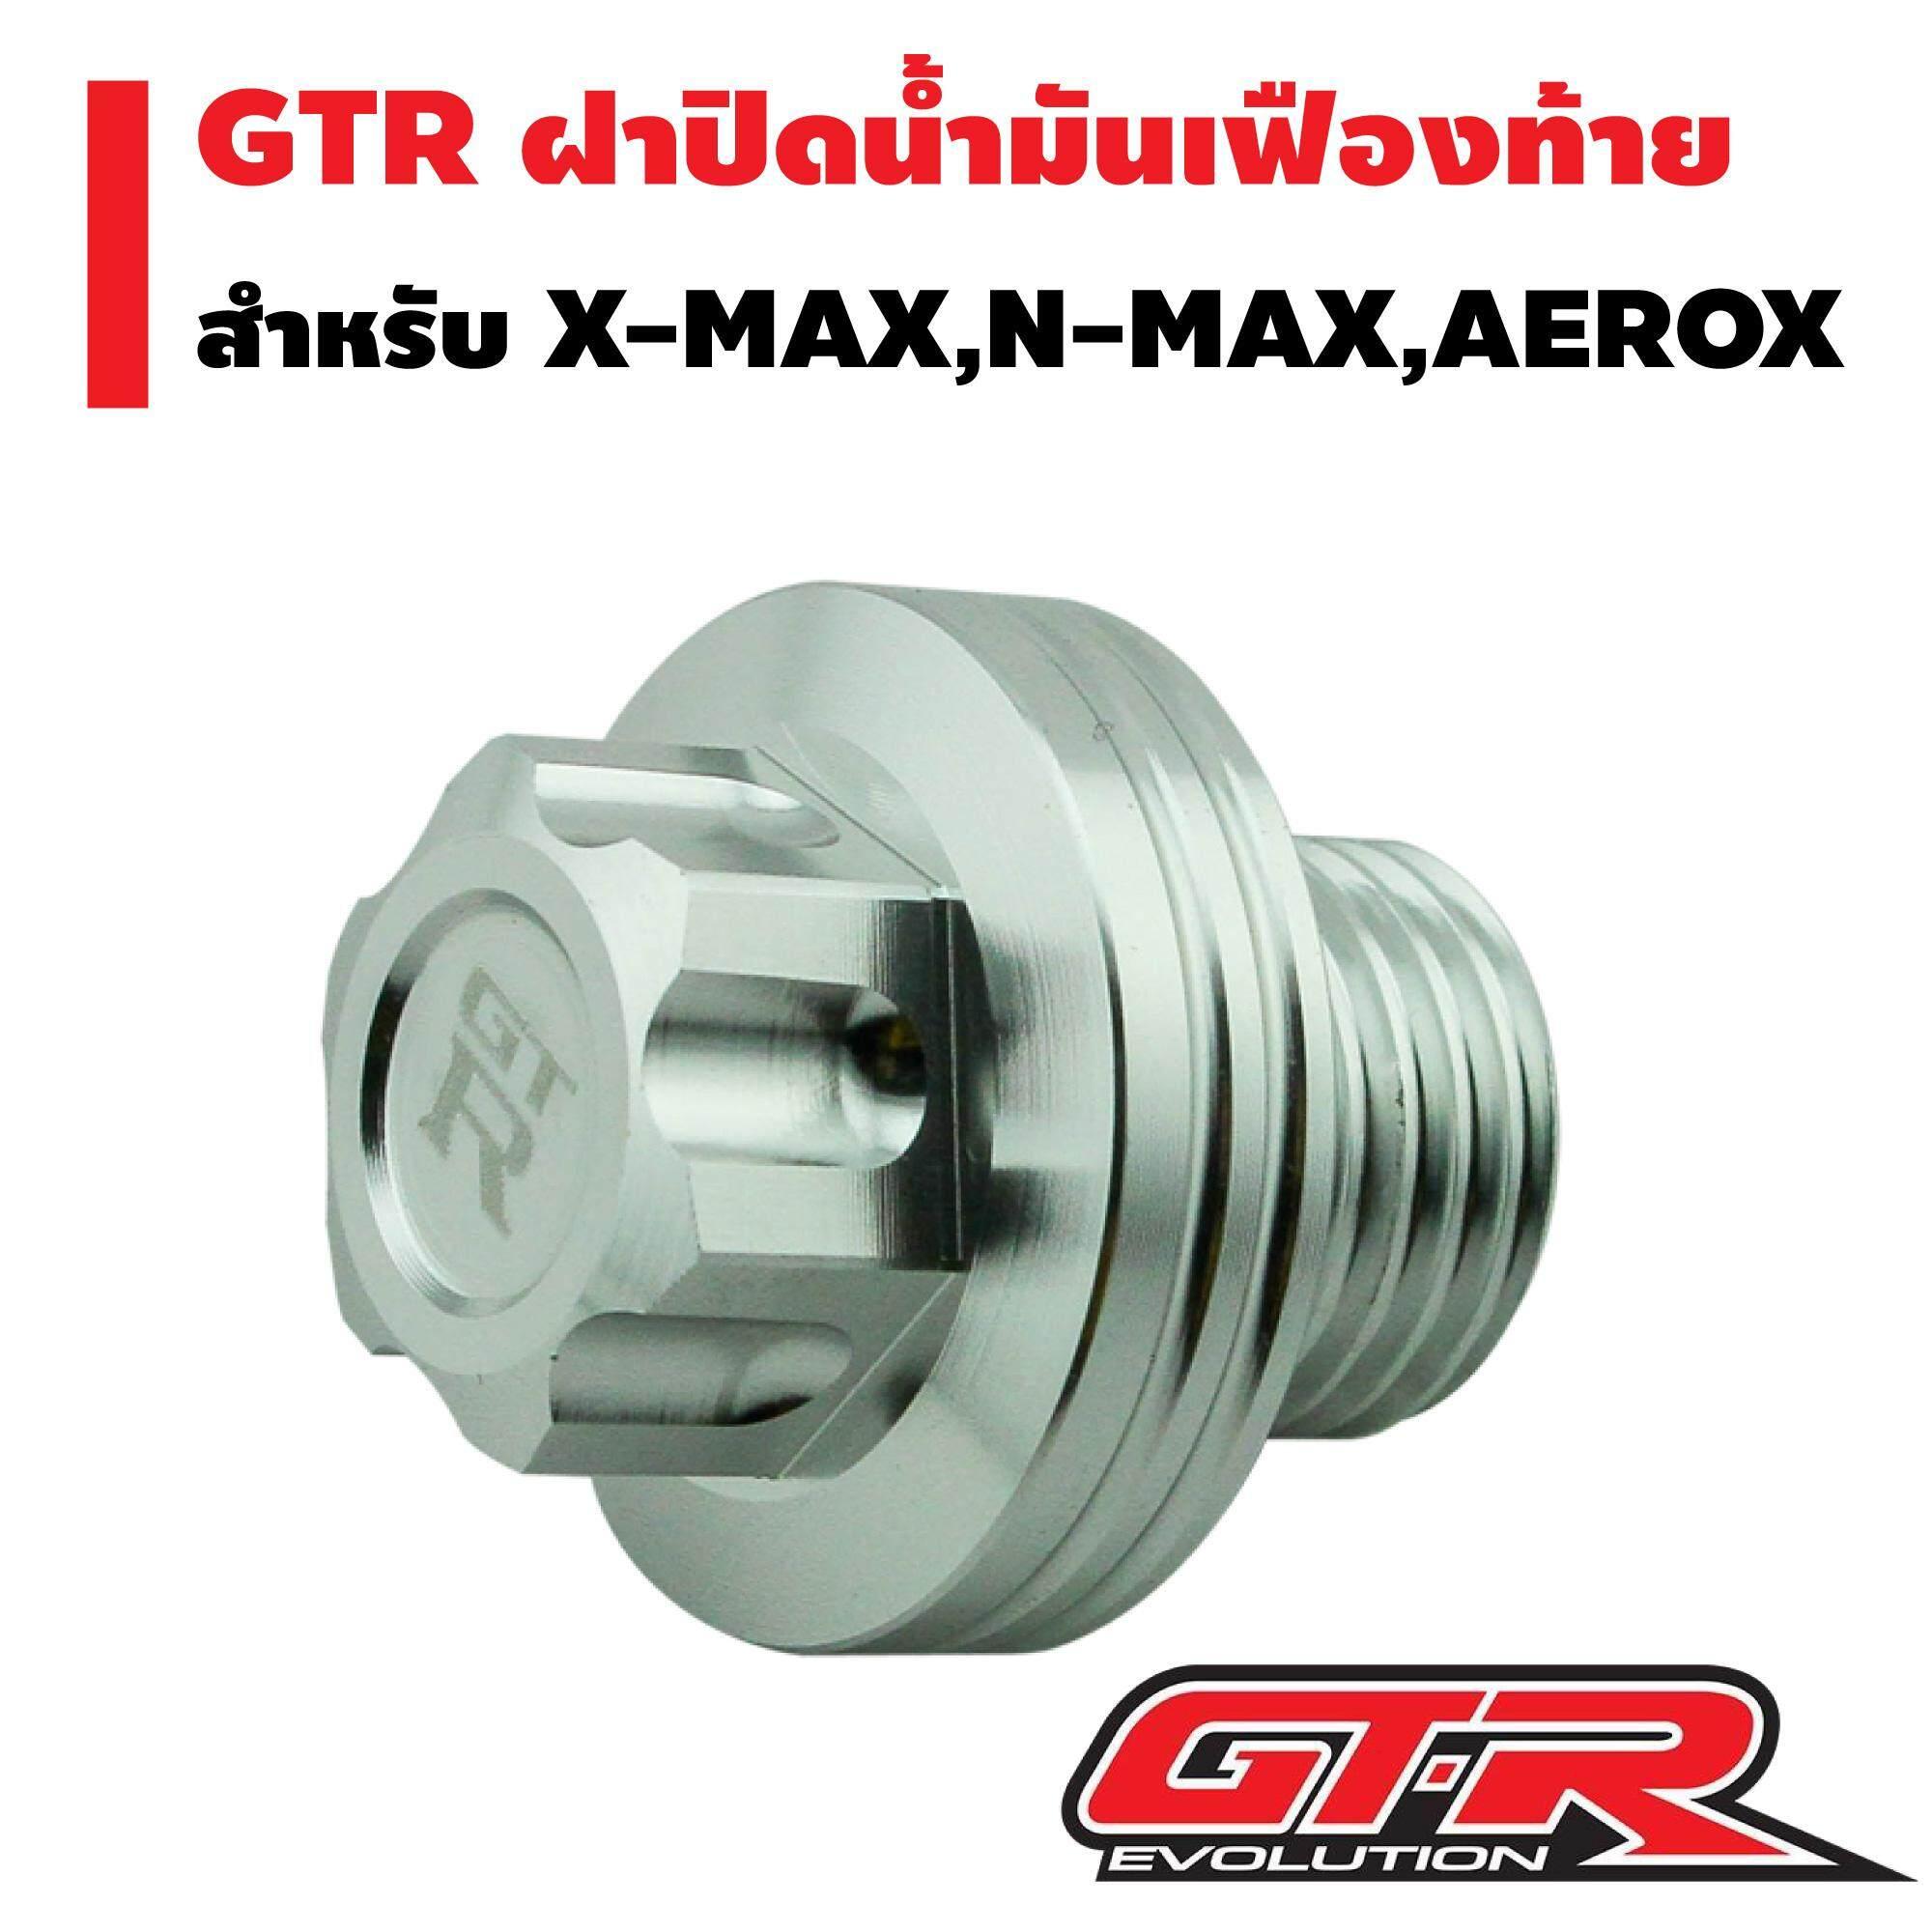 ลดสุดๆ (ส่งฟรี KERRY) GTR ฝาปิดน้ำมันเฟืองท้าย สำหรับ X-MAX N-MAX AEROX สีเงิน